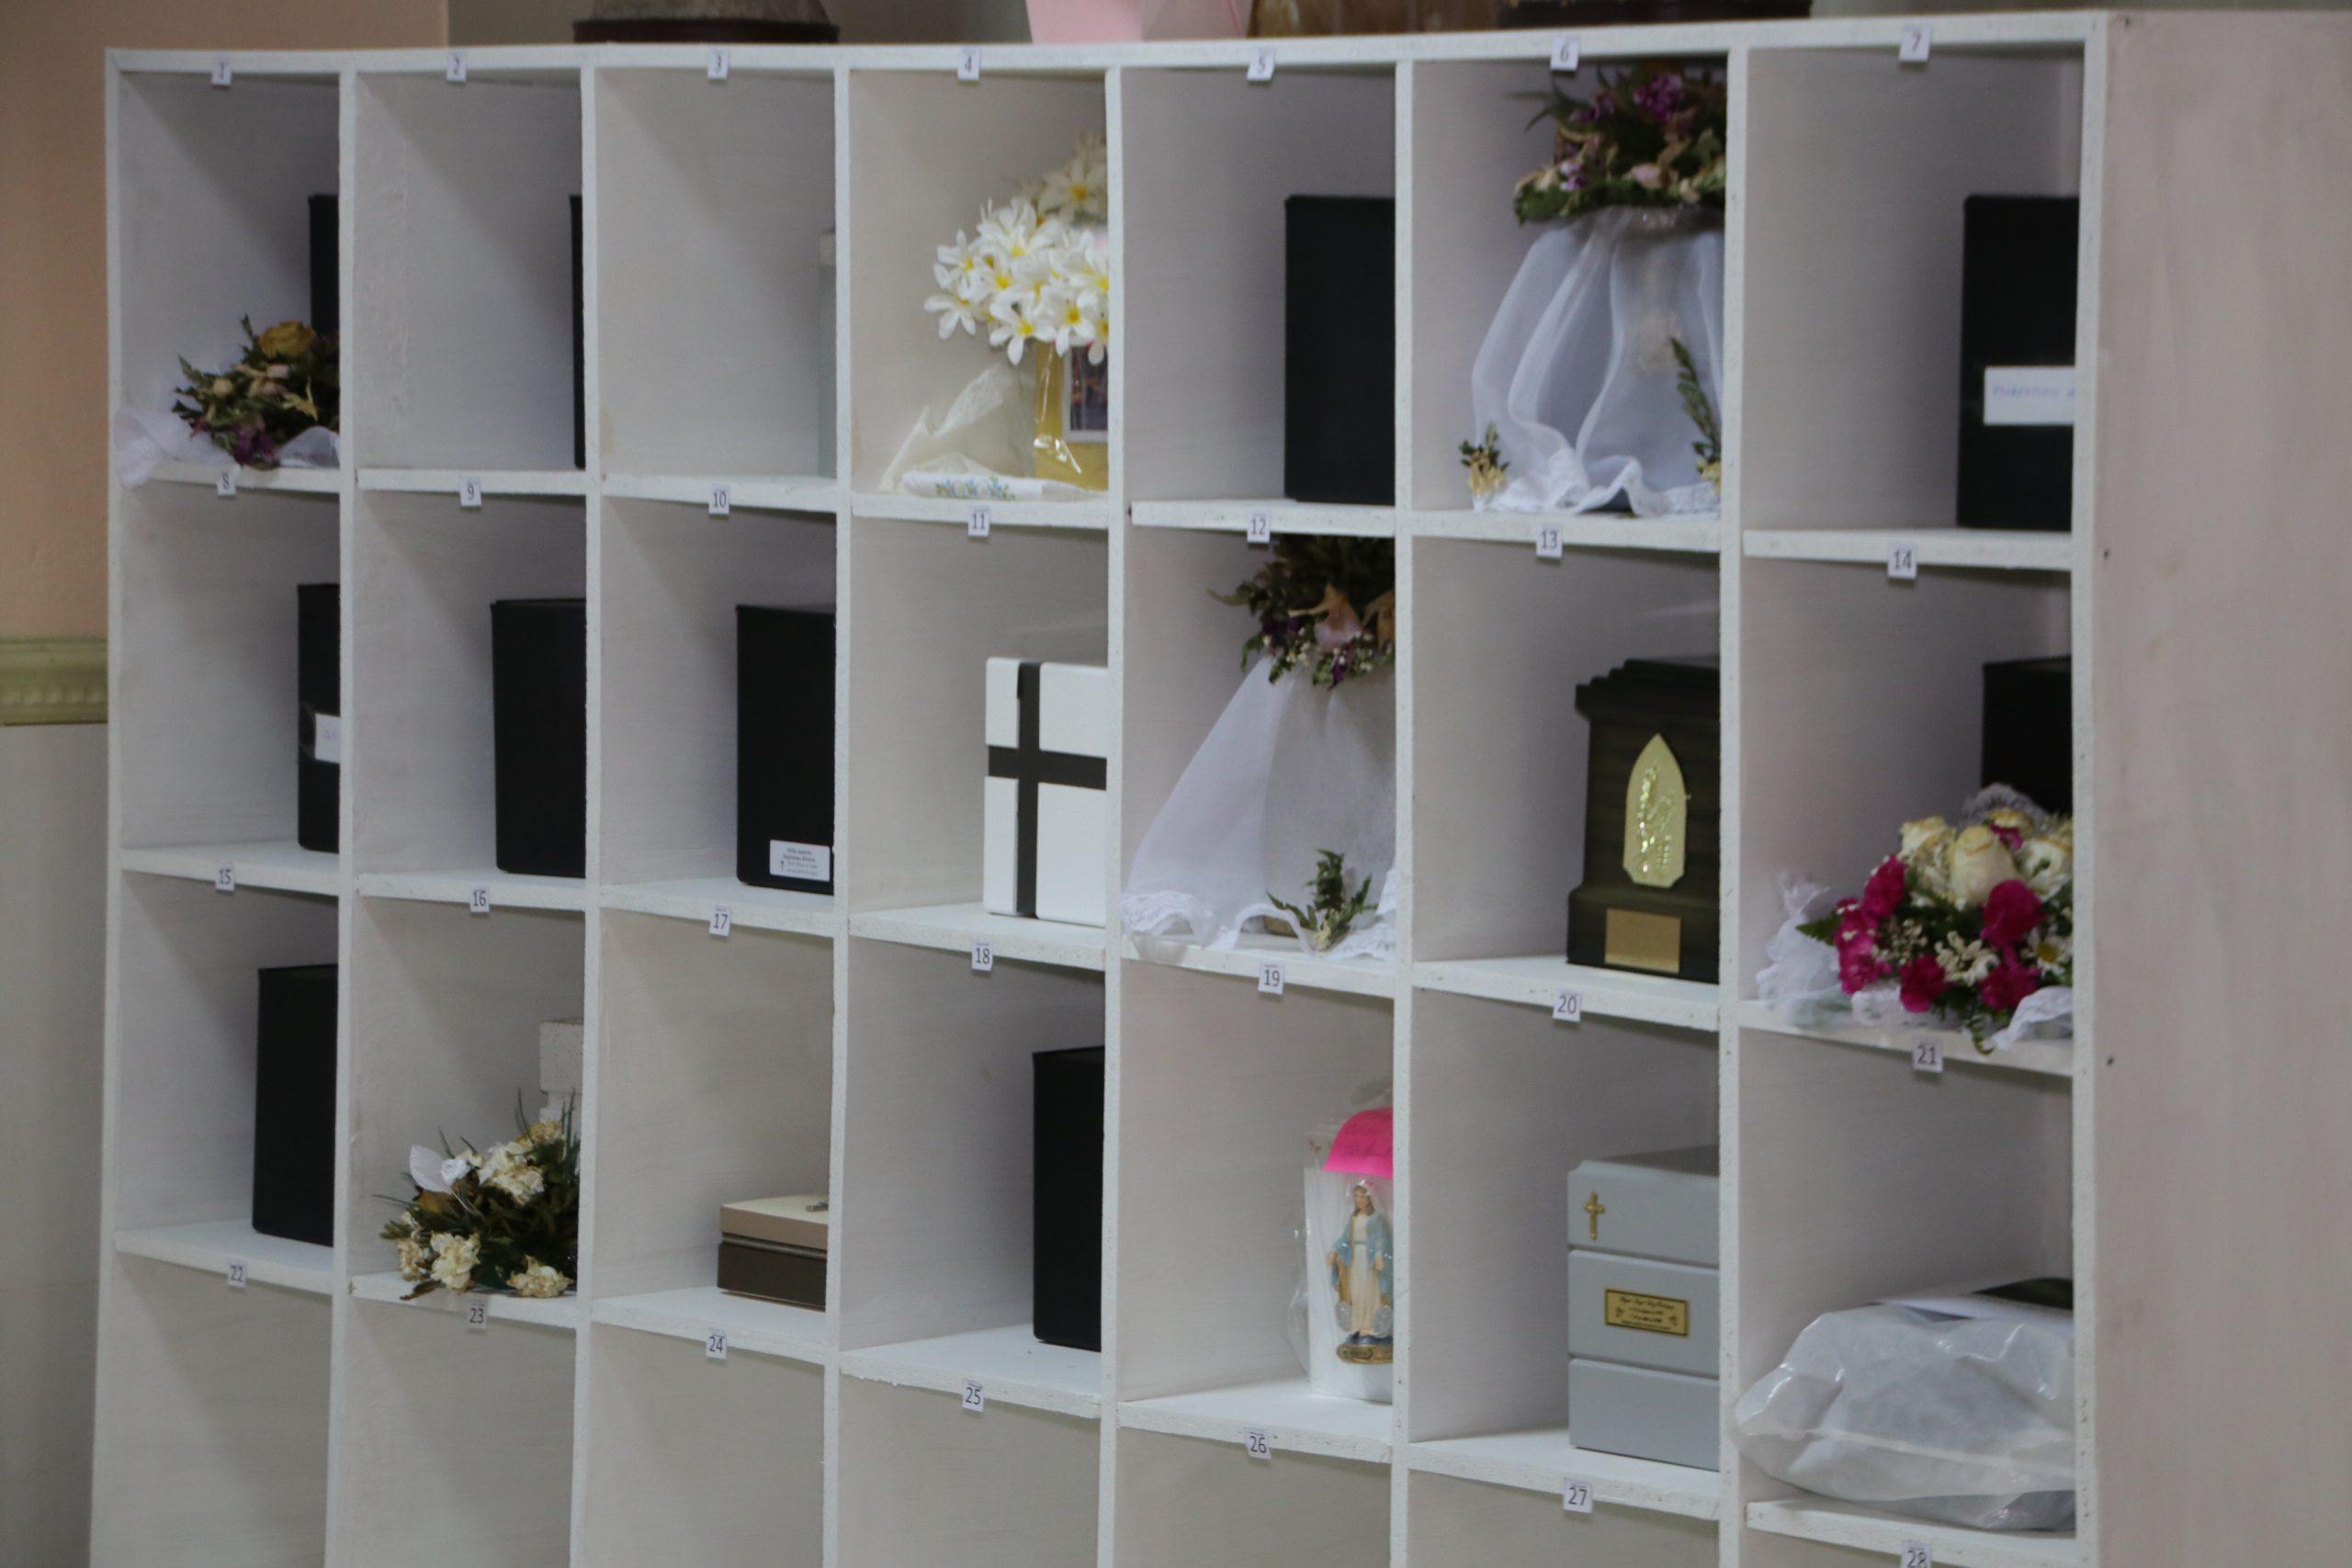 Como muestra de misericordia, parroquia Sagrada Familia, custodia más de 25 restos cenizas de difuntos